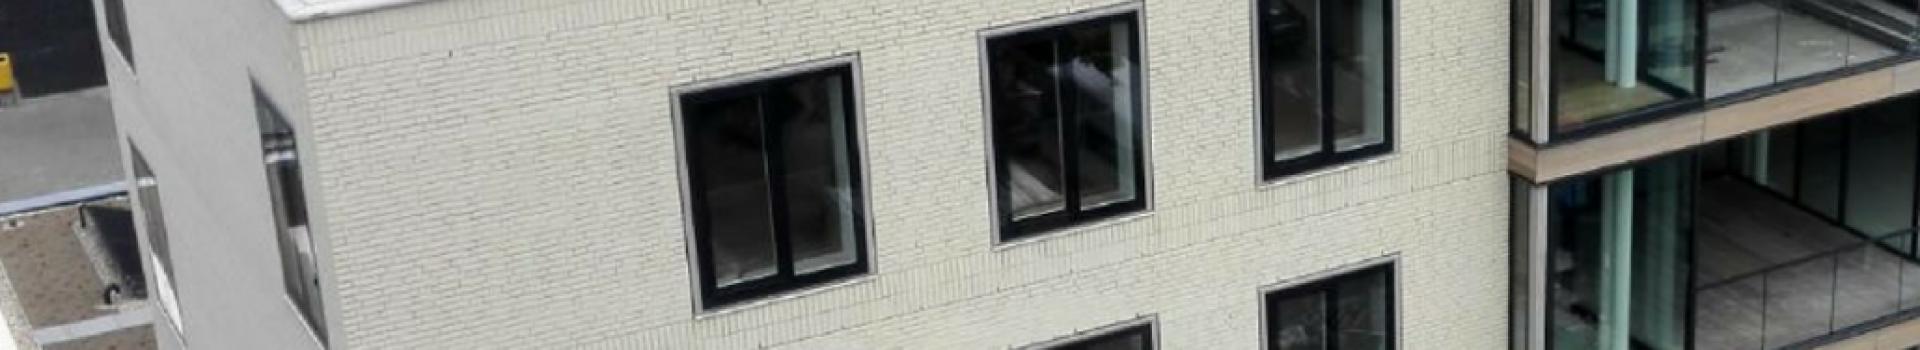 Appartementen Amsterdam, zinken losagnes